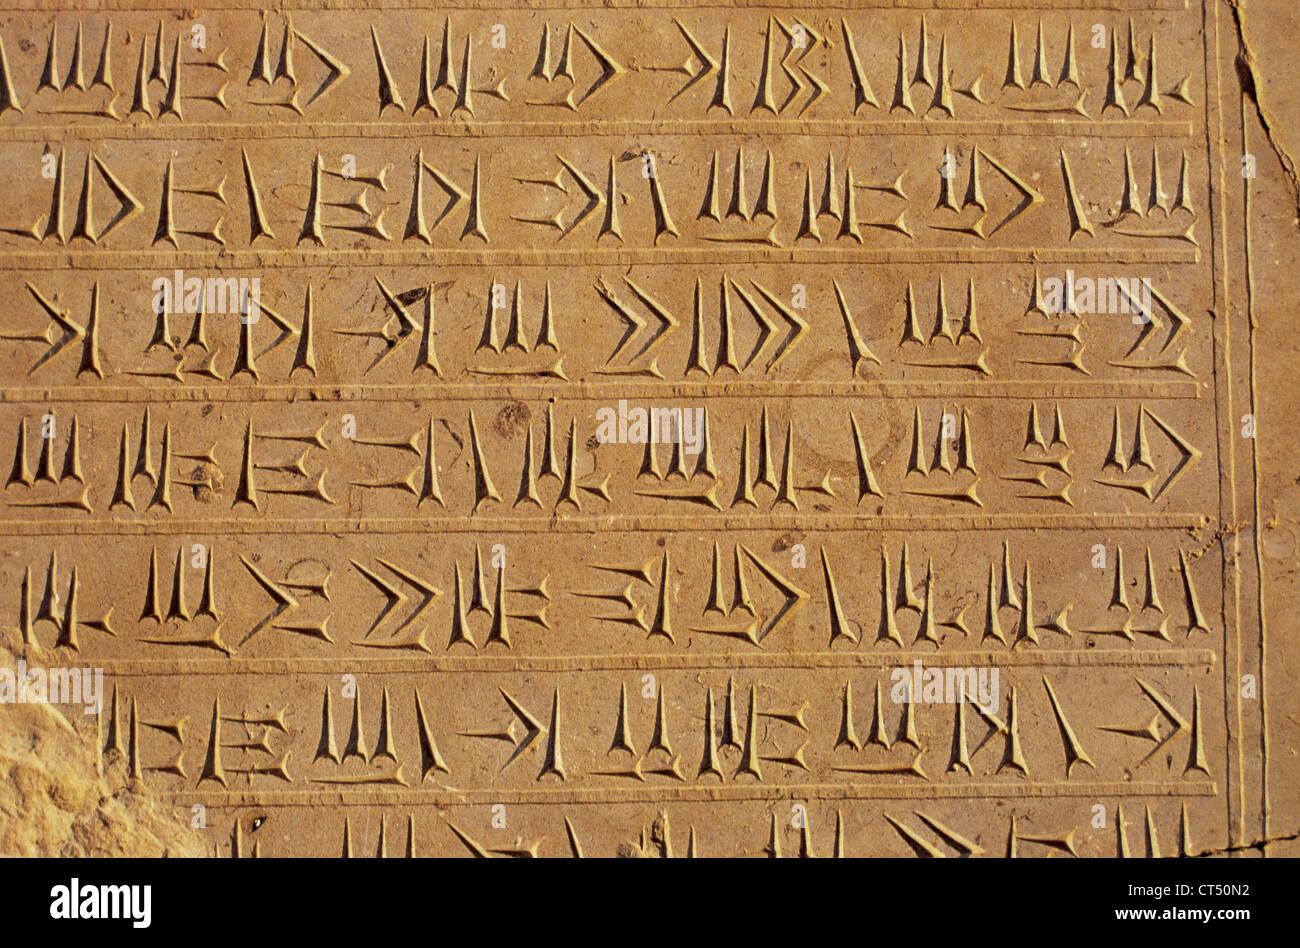 Imperio persa. Período aqueménida. Escritura cuneiforme en la pared del Palacio de Persépolis. Foto de stock